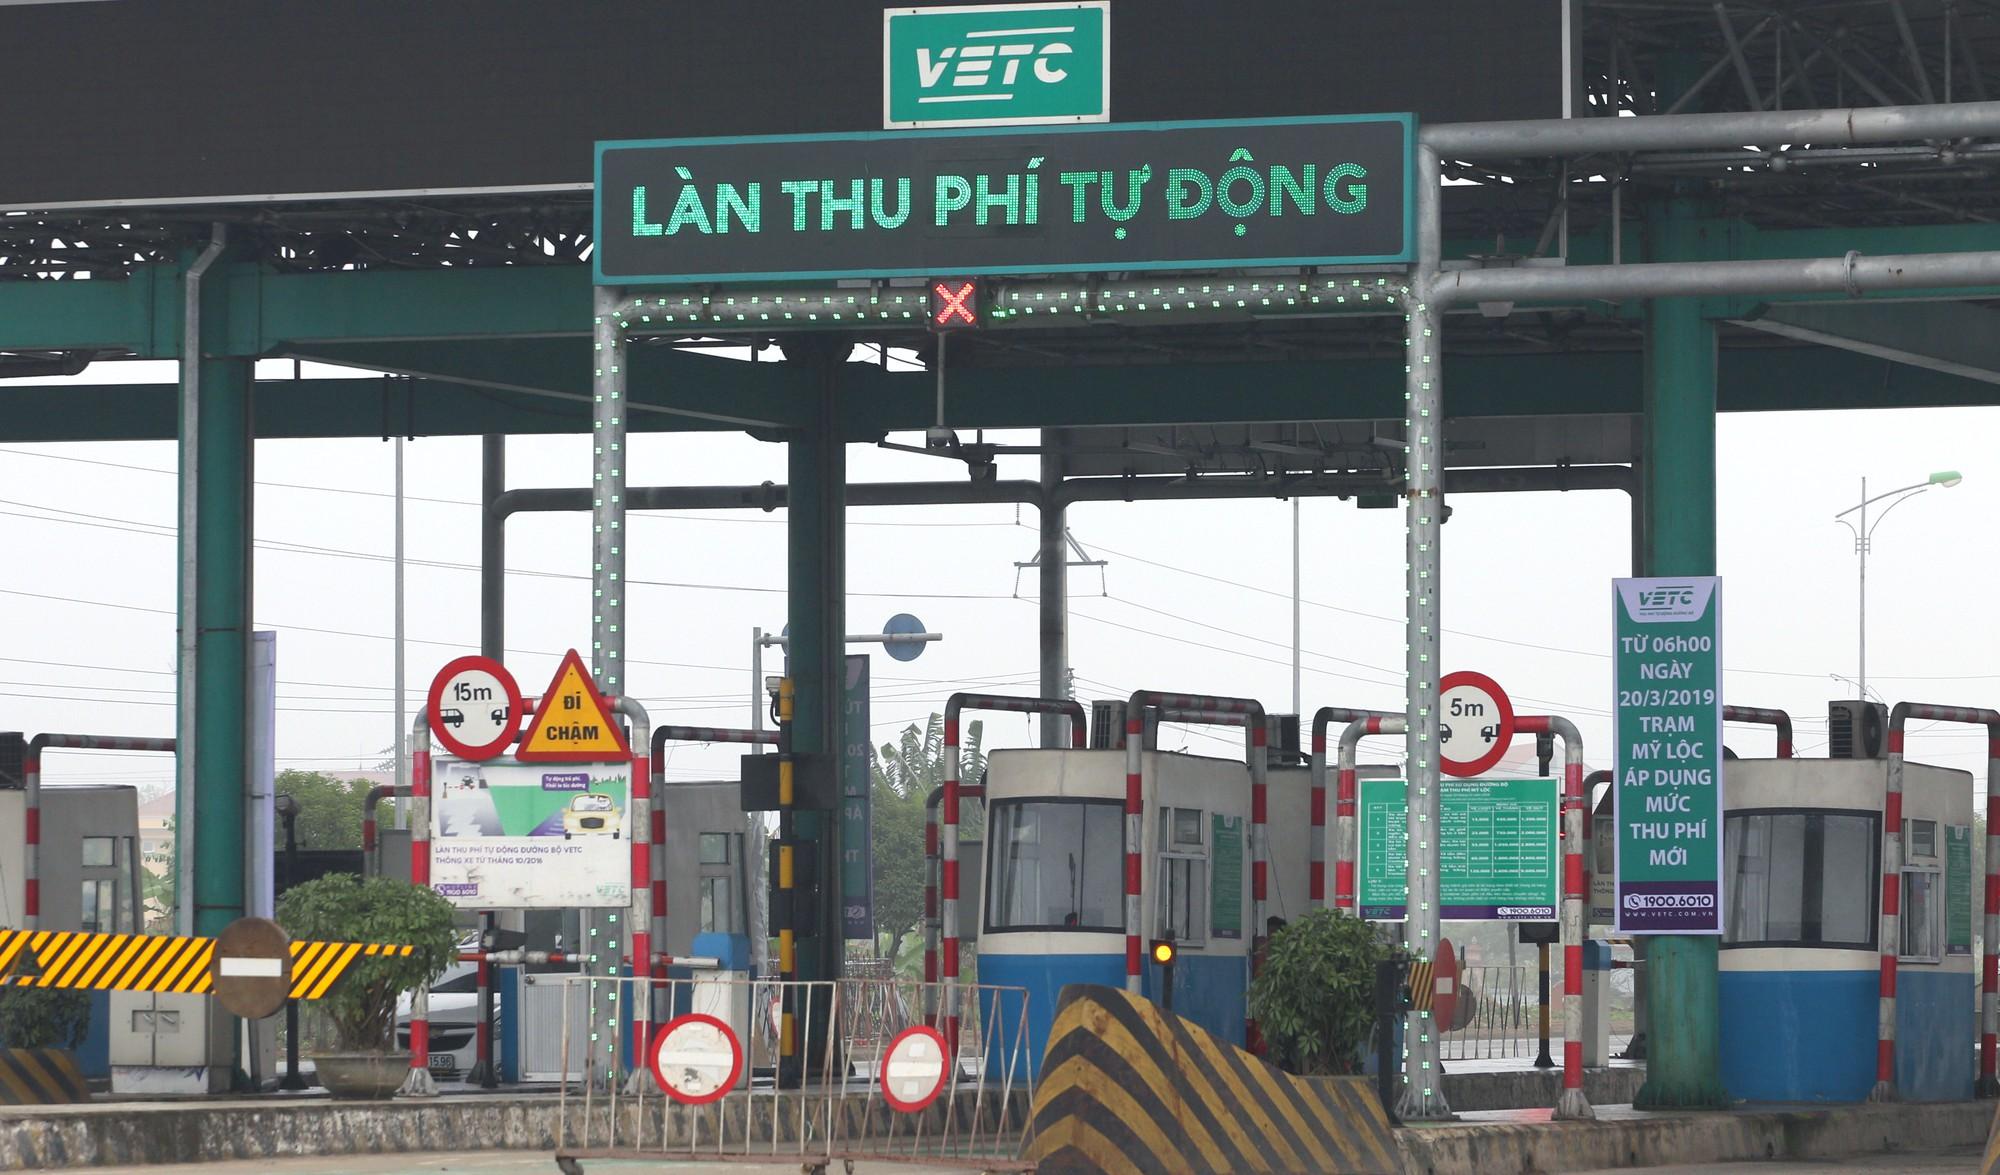 Bộ GTVT đề nghị xe biển xanh, biển đỏ nêu gương dán thẻ thu phí tự động không dừng? - Ảnh 1.